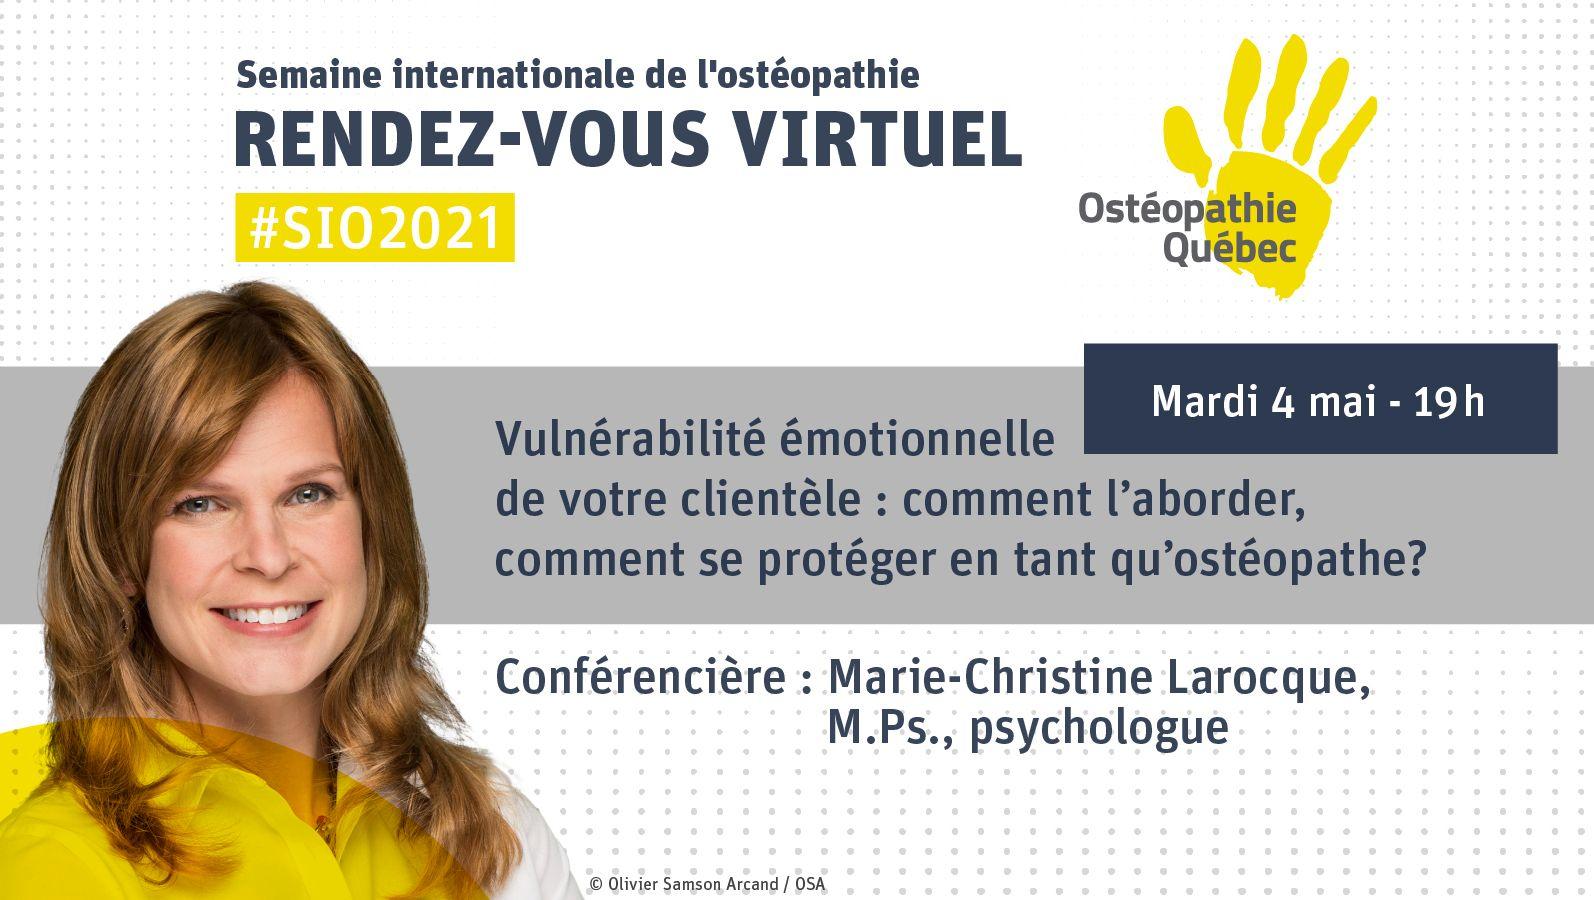 Vulnérabilité émotionnelle de votre clientèle : comment l'aborder, comment se protéger en tant qu'ostéopathe?